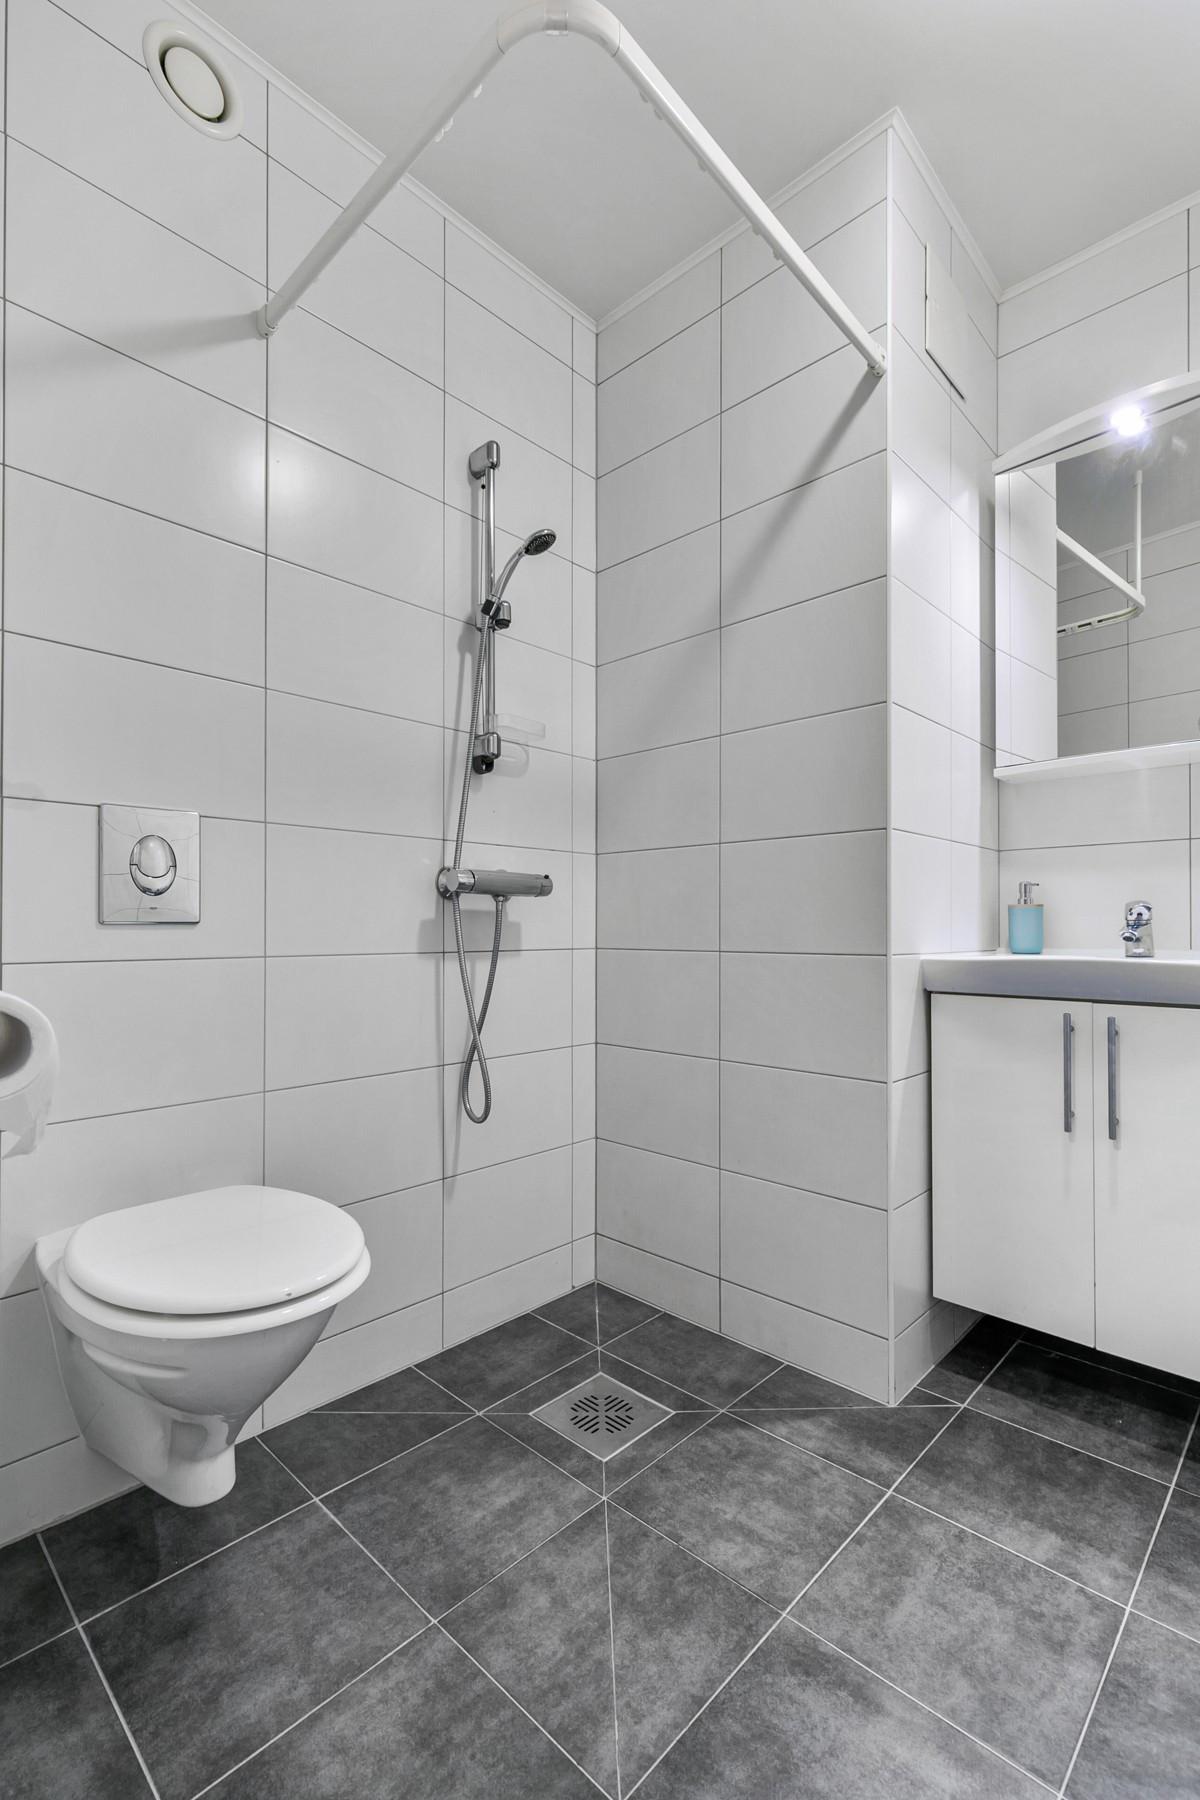 Vegghengt toalett og dusjnisje